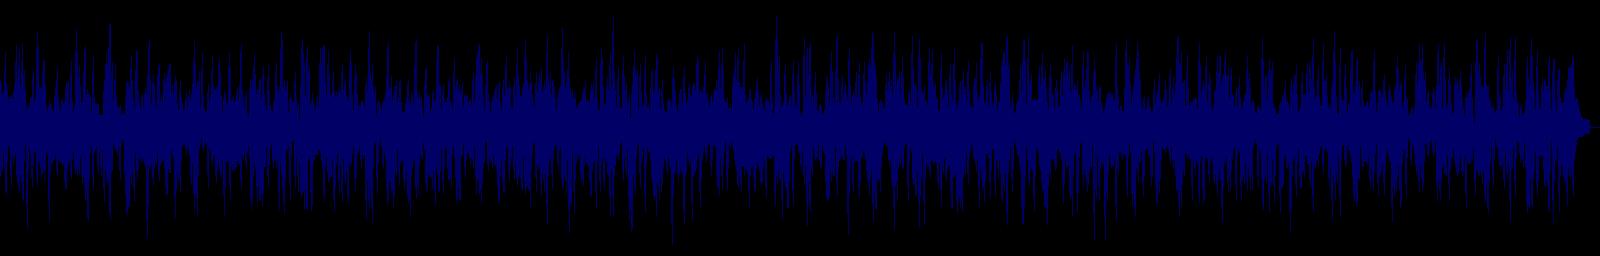 waveform of track #122599